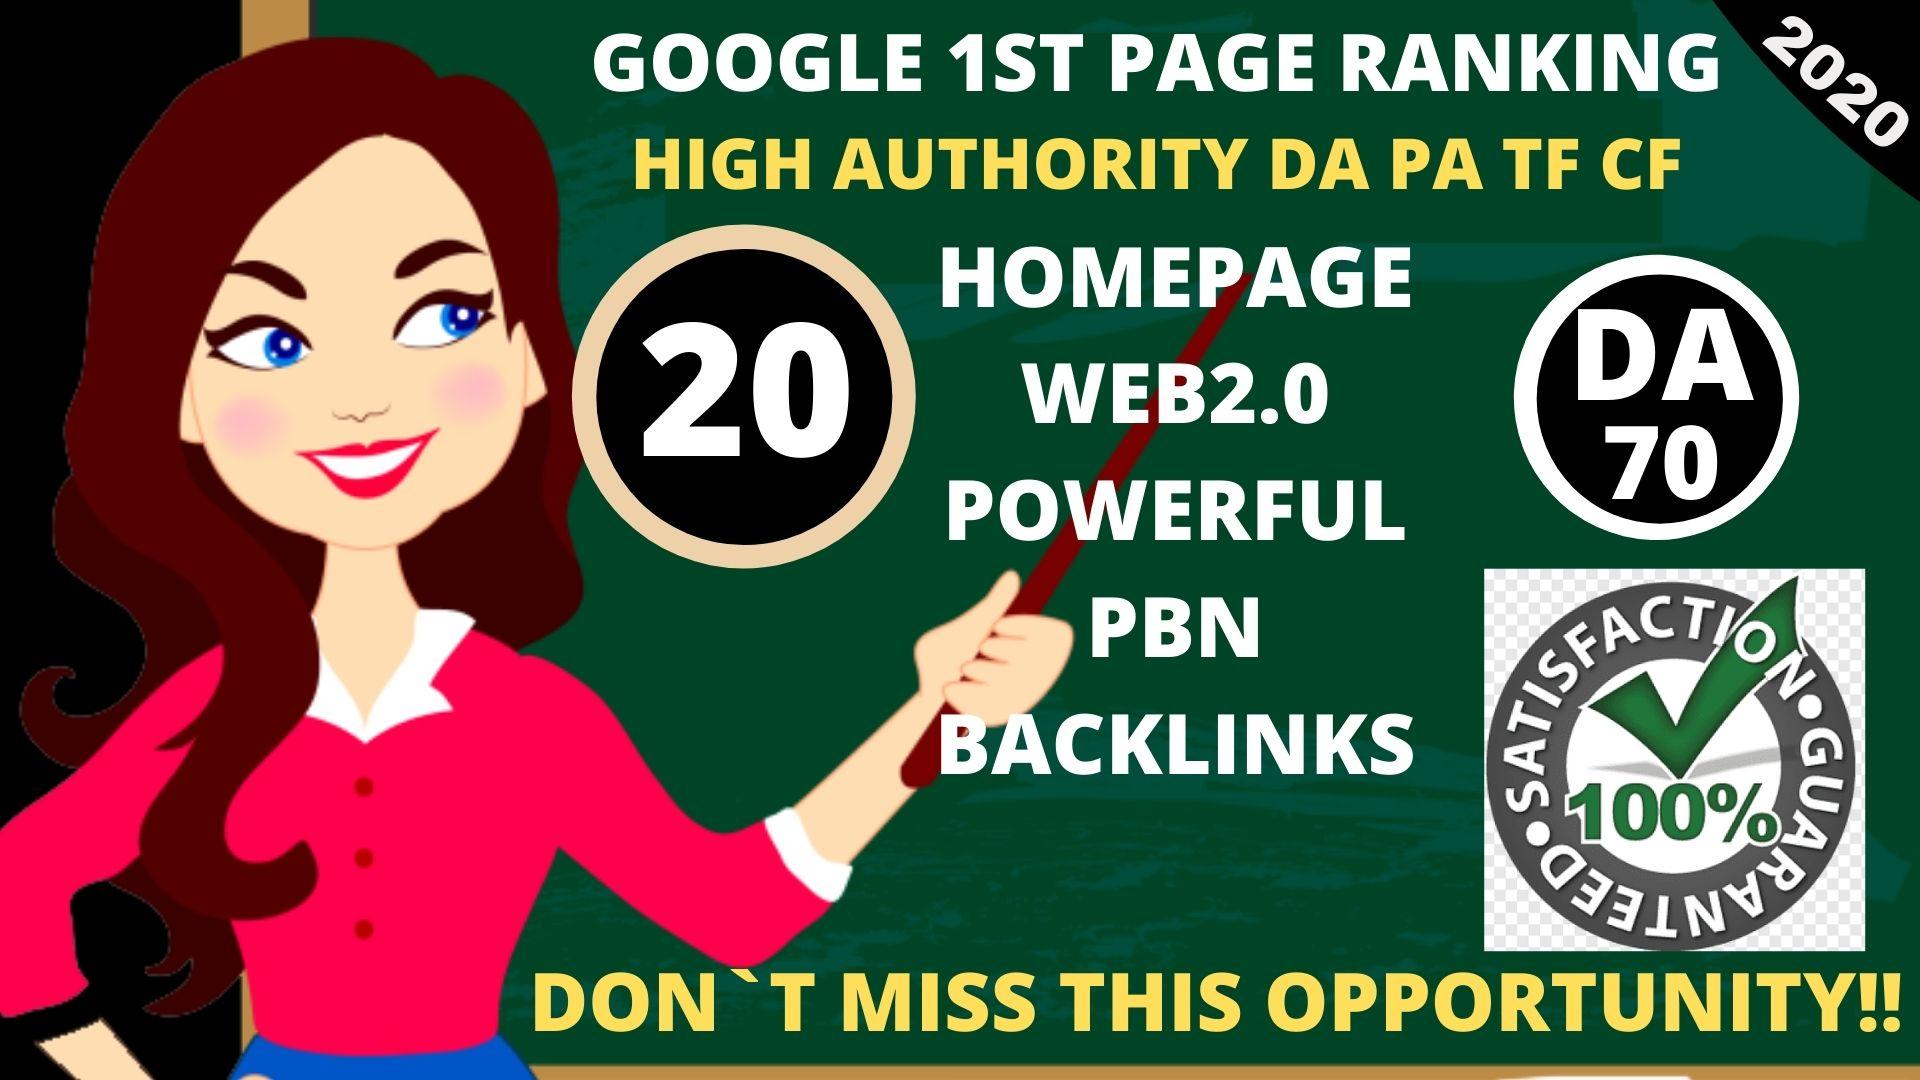 DA 70+ PA Web2.0 20 Pbn Backlink in 100 dofollow in unique site